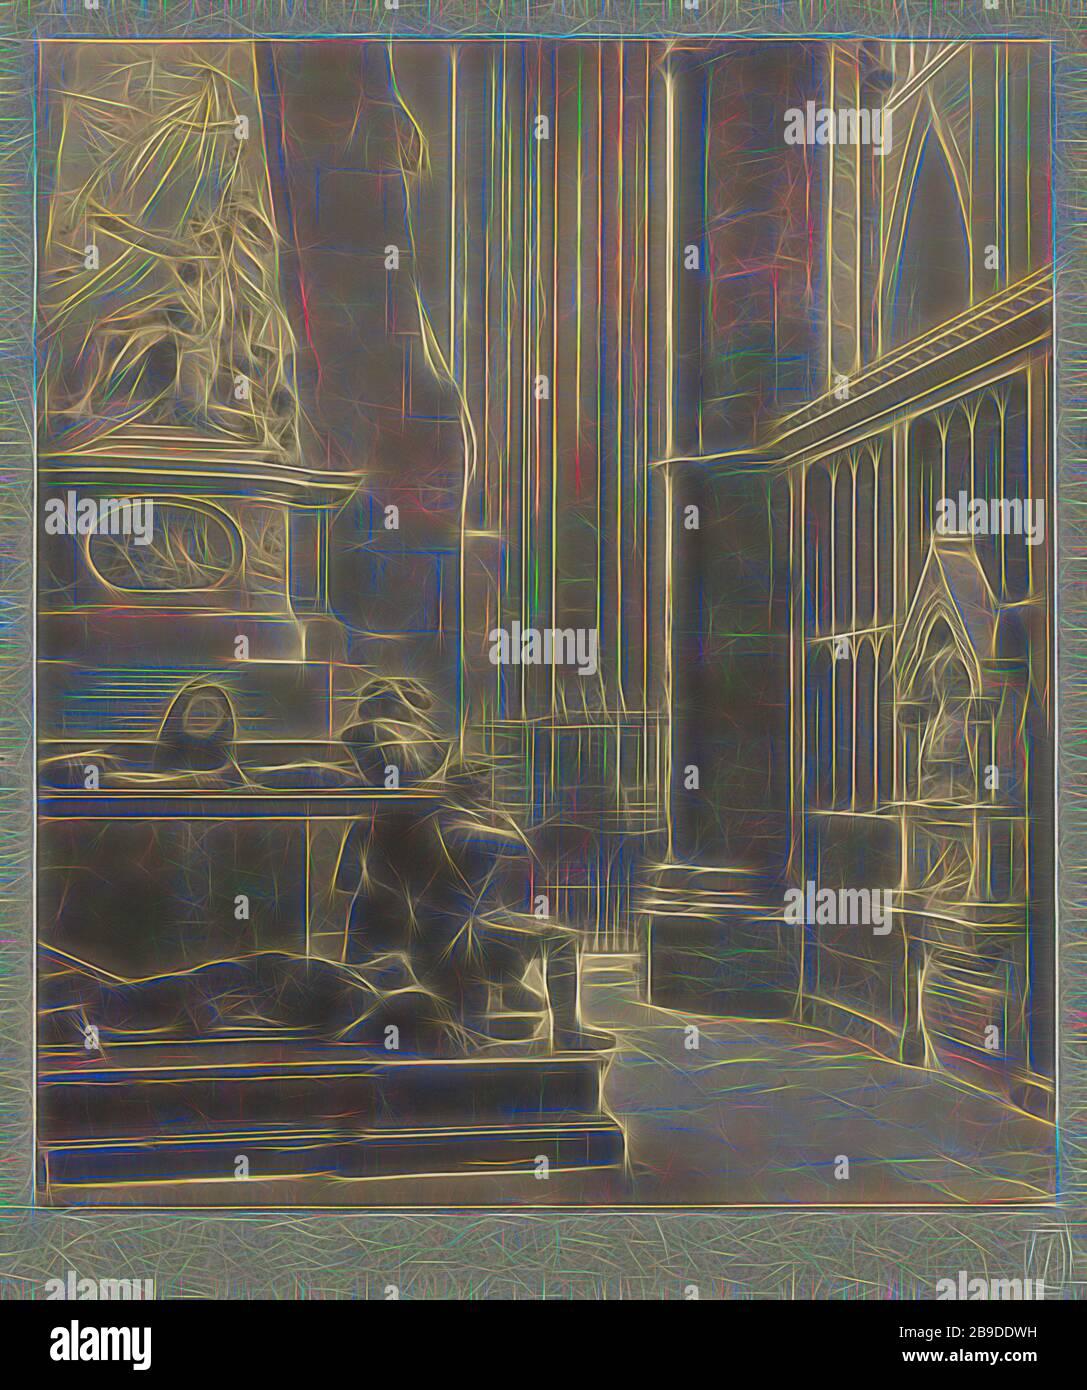 Abbaye de Westminster : allée nord-est, Tombeau de Vere et Franklin, Frederick H. Evans (britannique, 1853 - 1943), 1911, imprimé platine, 22,1 x 19,4 cm (8 11,16 x 7 5,8 po, réimaginé par Gibon, design de lueur chaleureuse et joyeuse de luminosité et de rayonnement de lumière. L'art classique réinventé avec une touche moderne. La photographie inspirée du futurisme, qui embrasse l'énergie dynamique de la technologie moderne, du mouvement, de la vitesse et révolutionne la culture. Banque D'Images